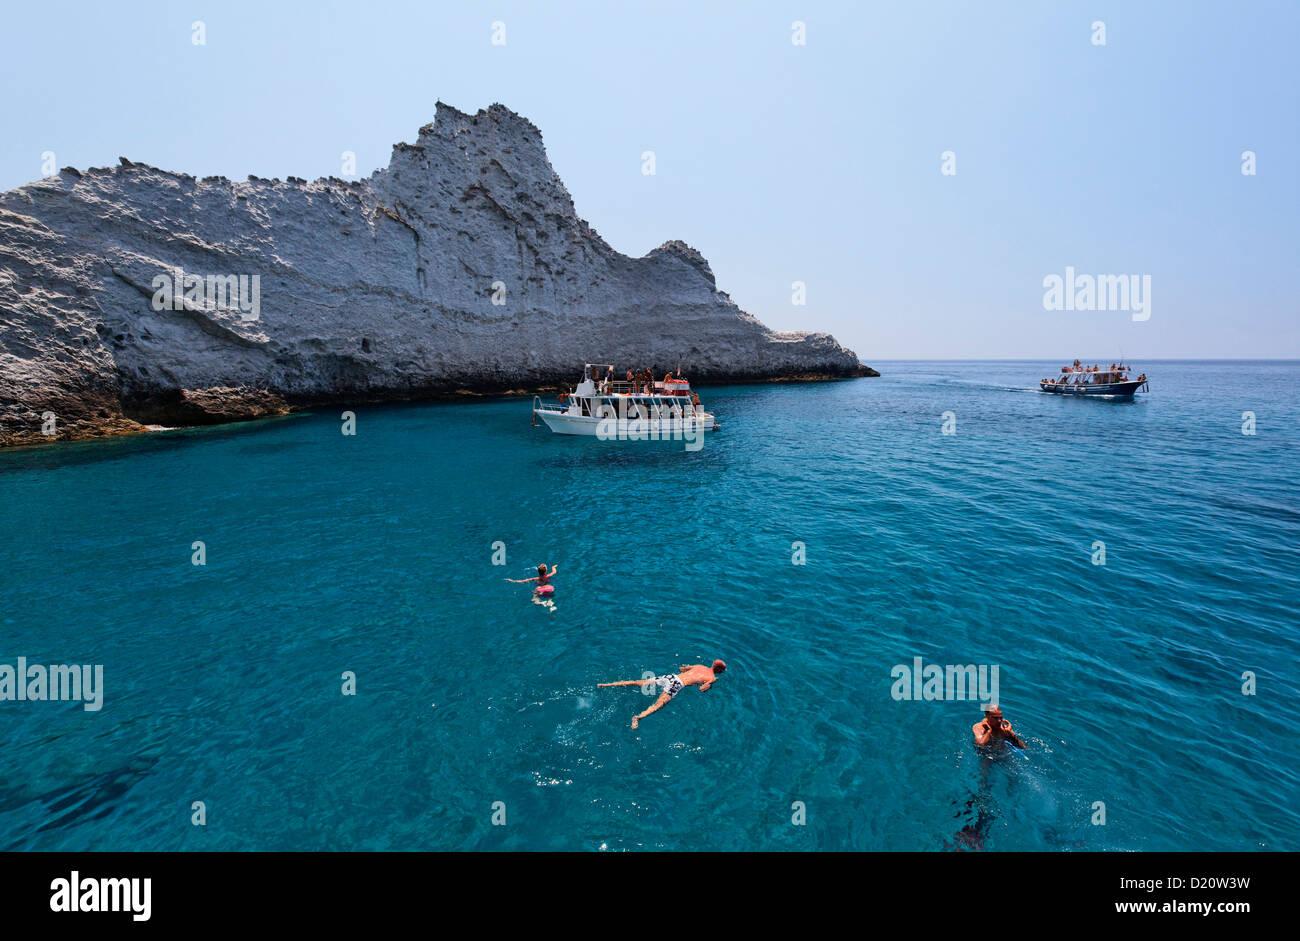 Las personas bañándose en Chiaia di Luna, Isla de Ponza, islas Pontine, Lacio, Italia, Europa Imagen De Stock